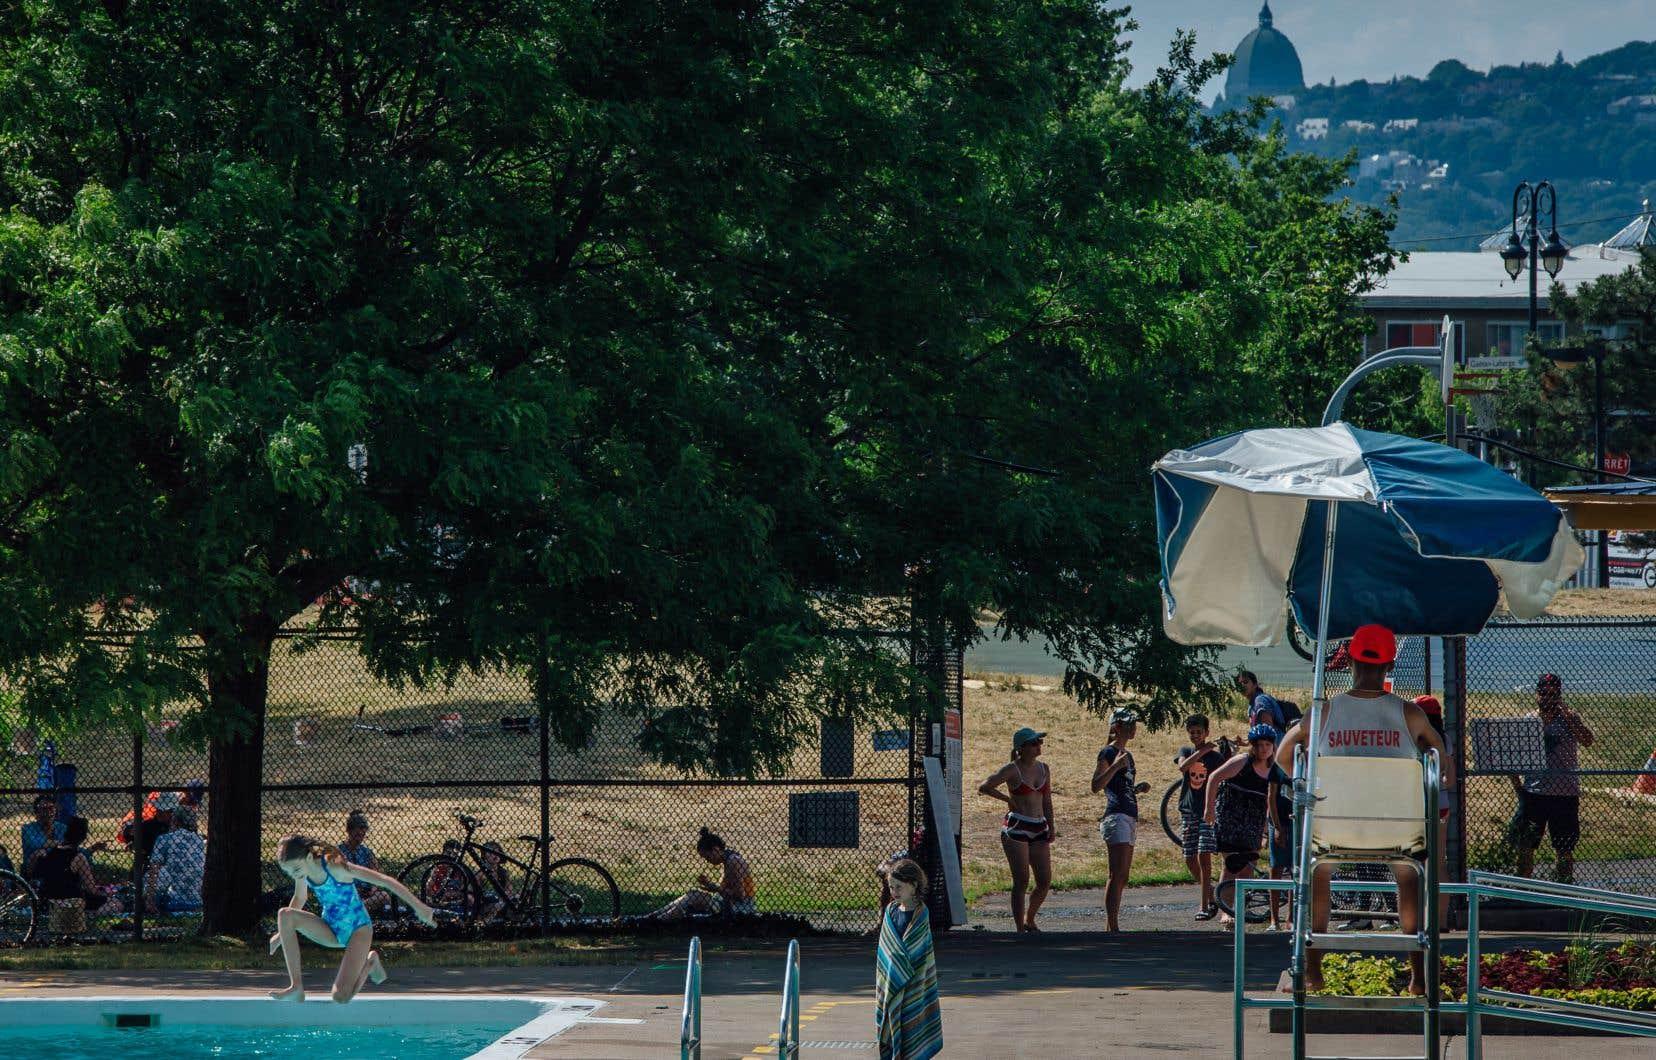 À la piscine Arthur-Therrien dans Verdun, des citoyens profitent de la piscine alors que la température ressentie frôle les 30 degrés Celsius.